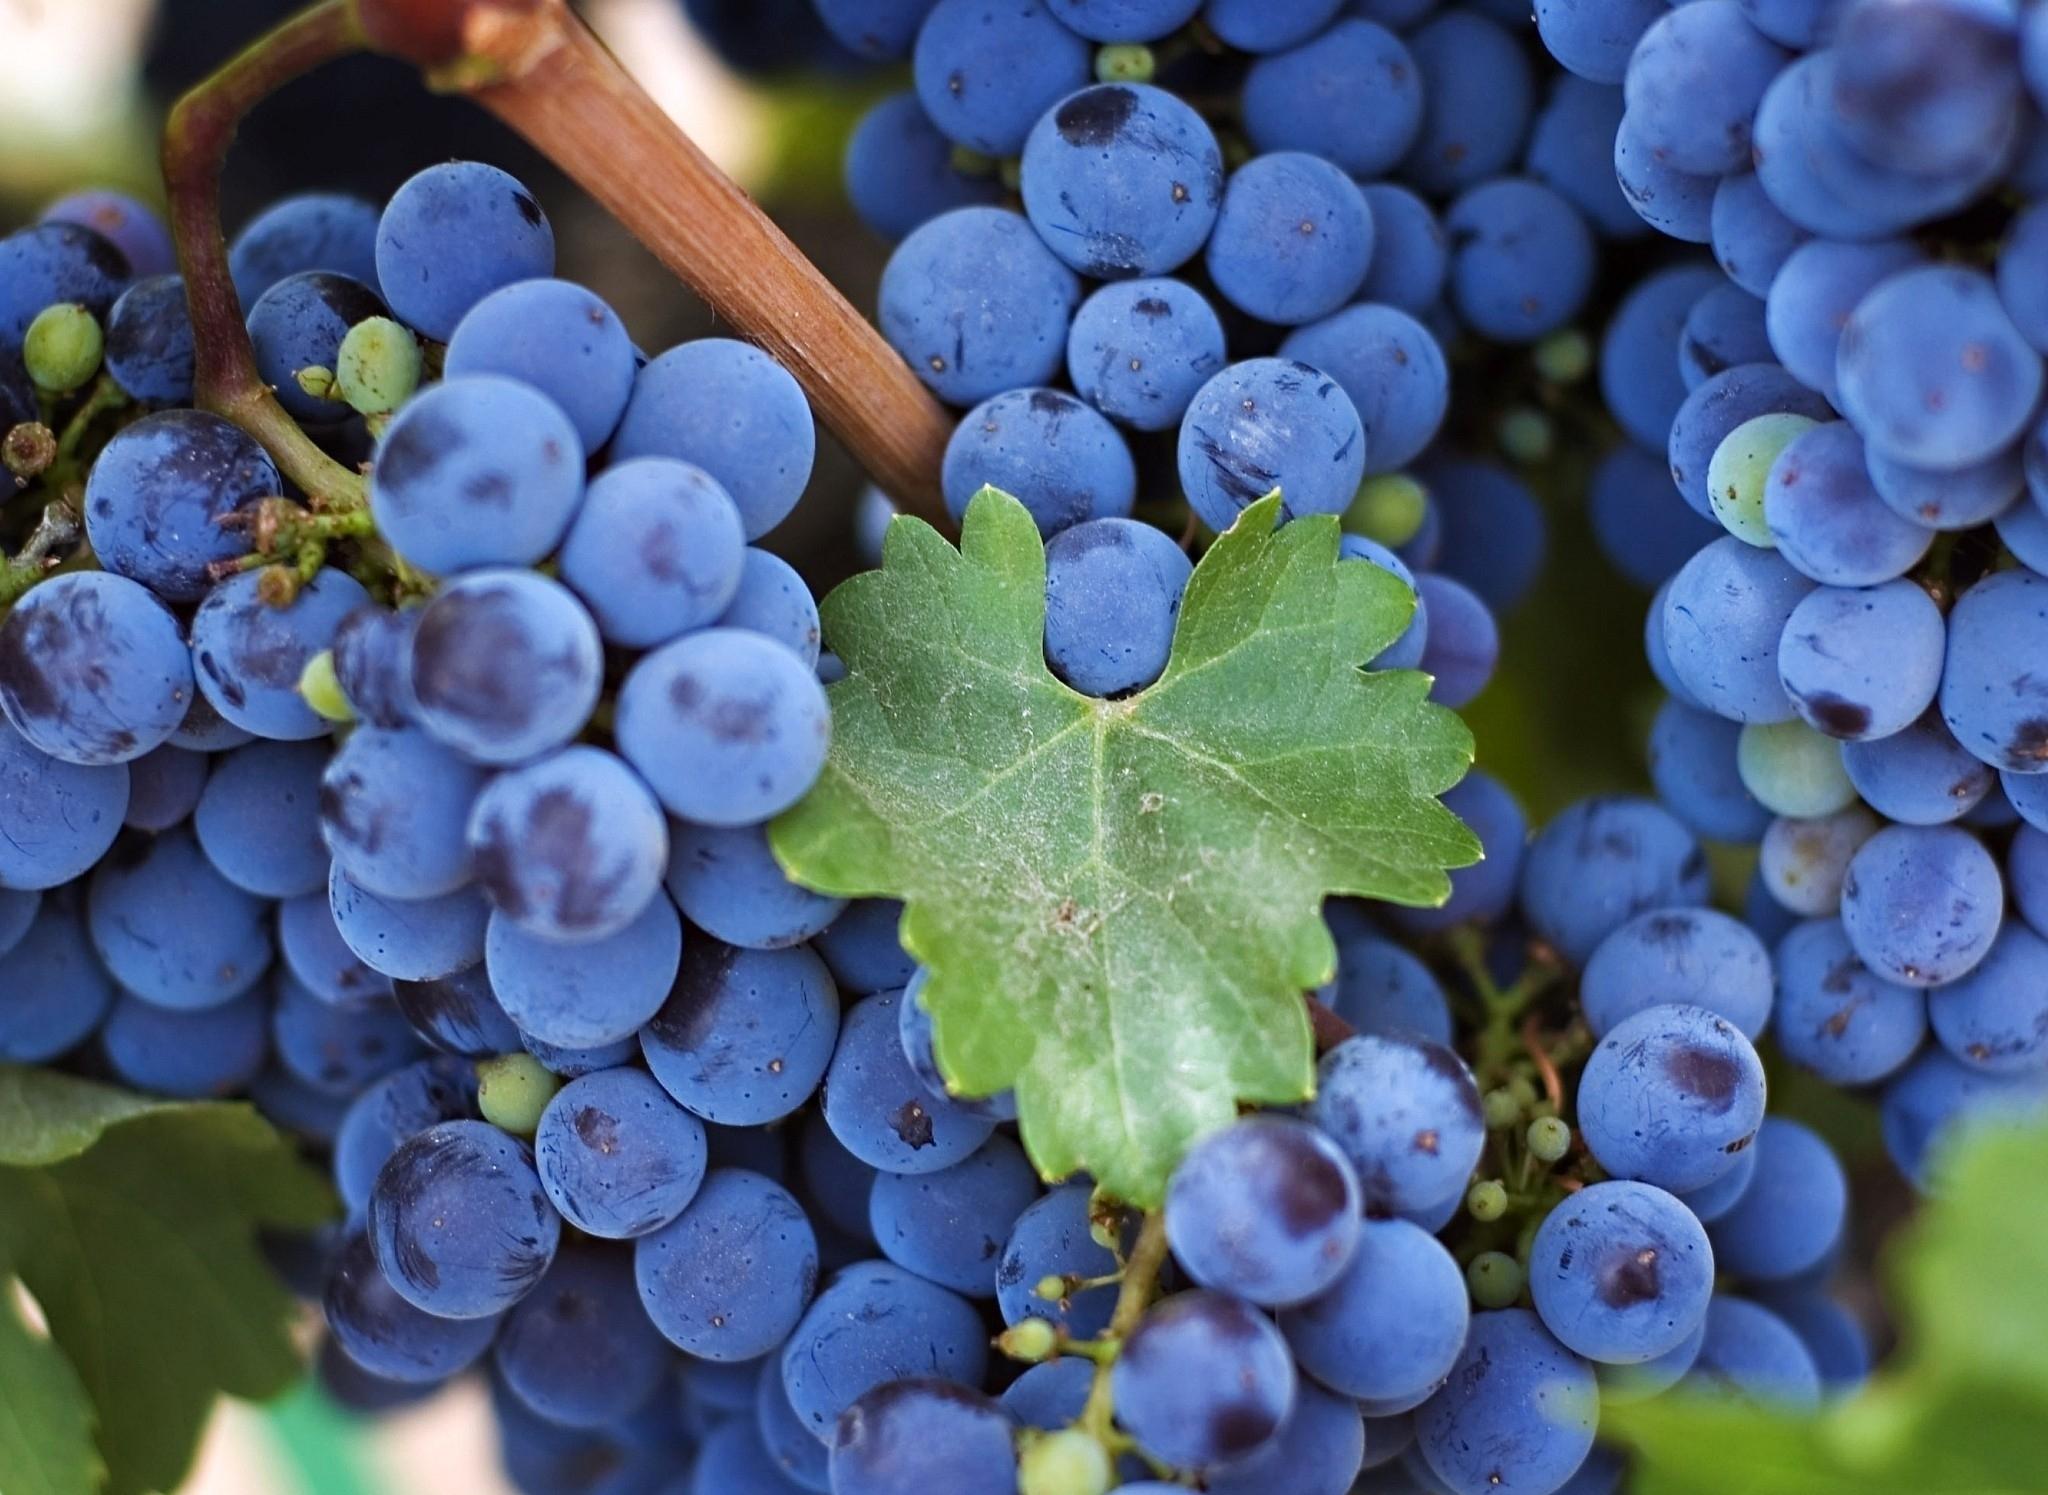 виноград картинки высокого разрешения